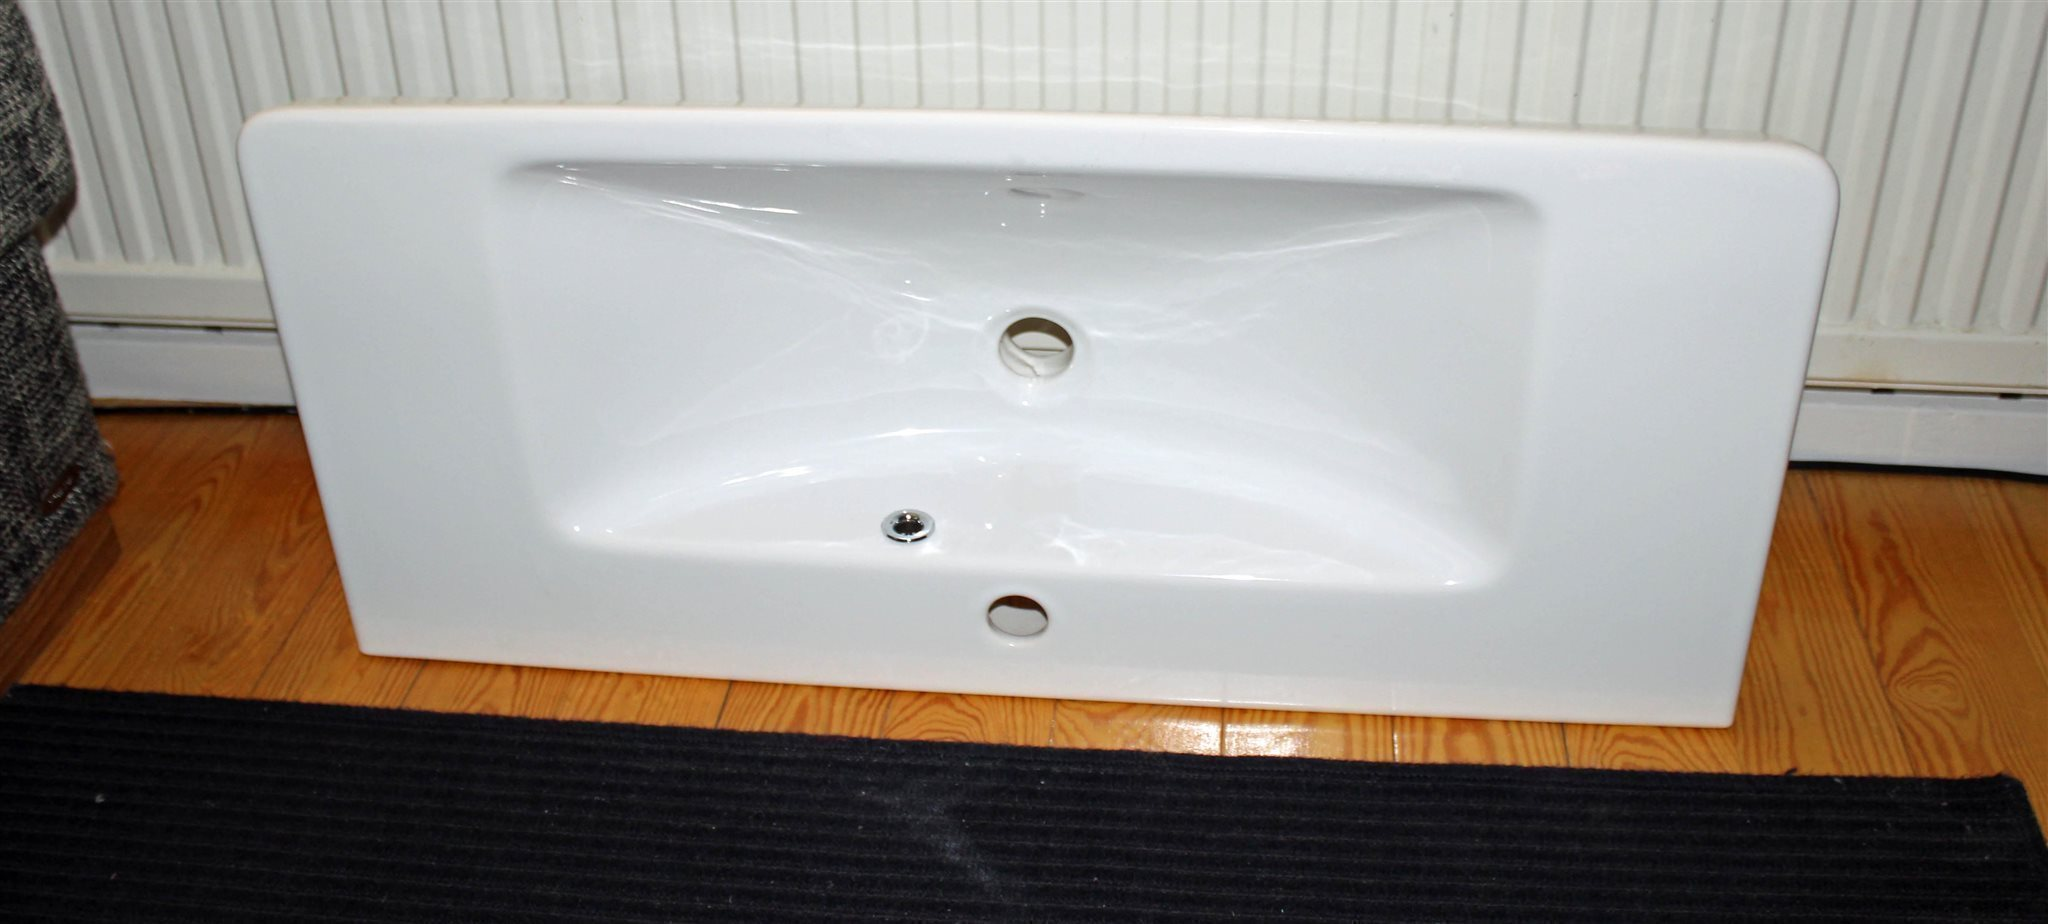 Dansani tvättställ i vit porslin, 85 cm. Nytt oanvänt! på Tradera ...